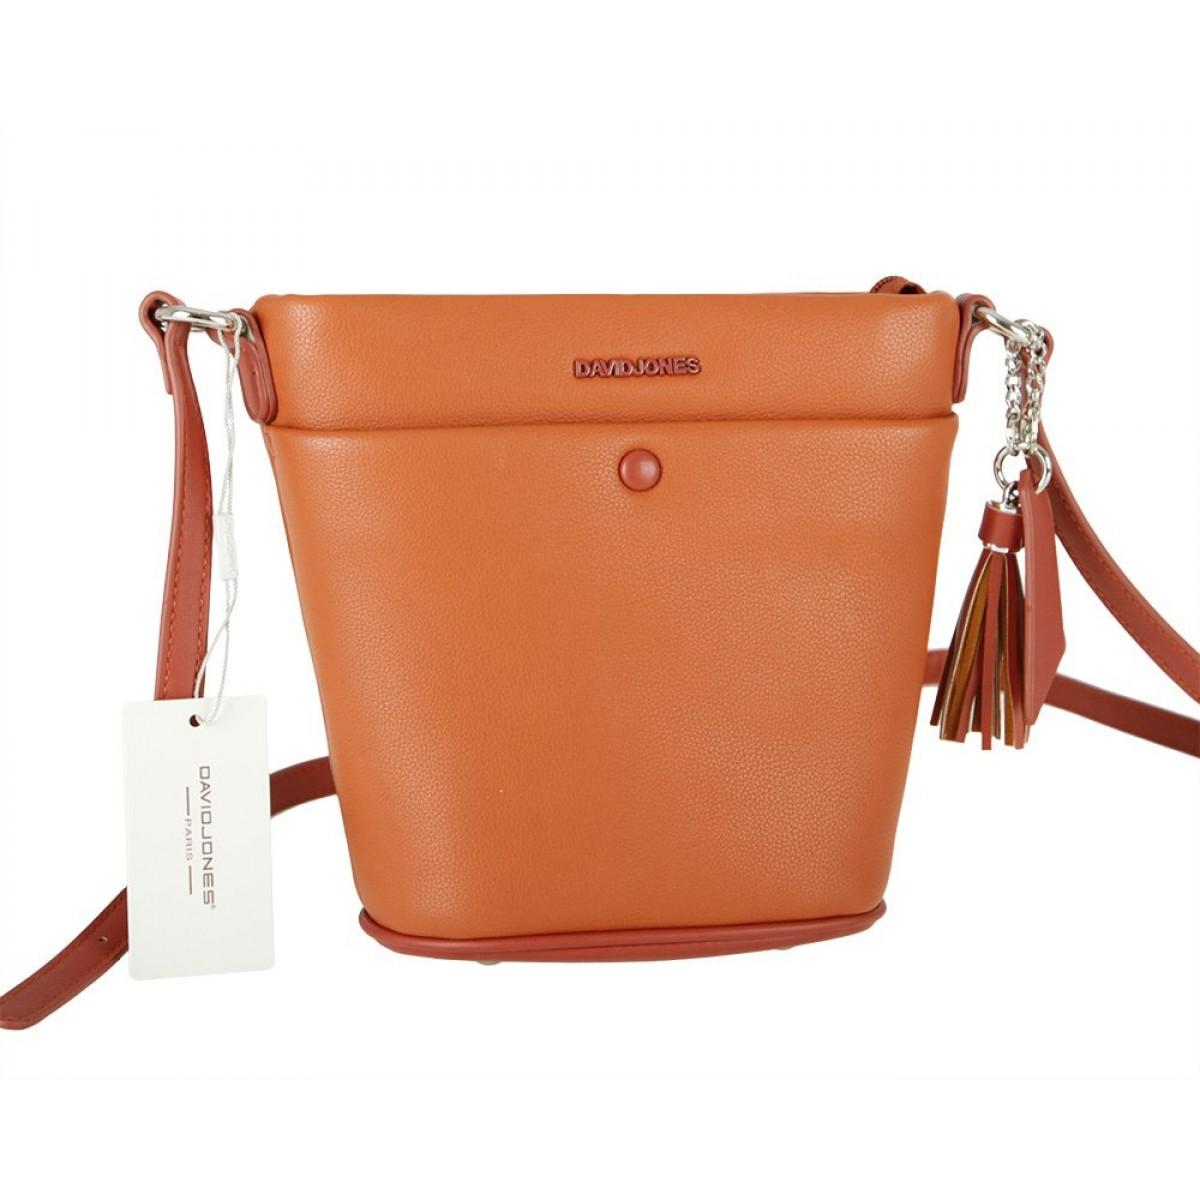 Жіноча сумка David Jones CM5851 COGNAC